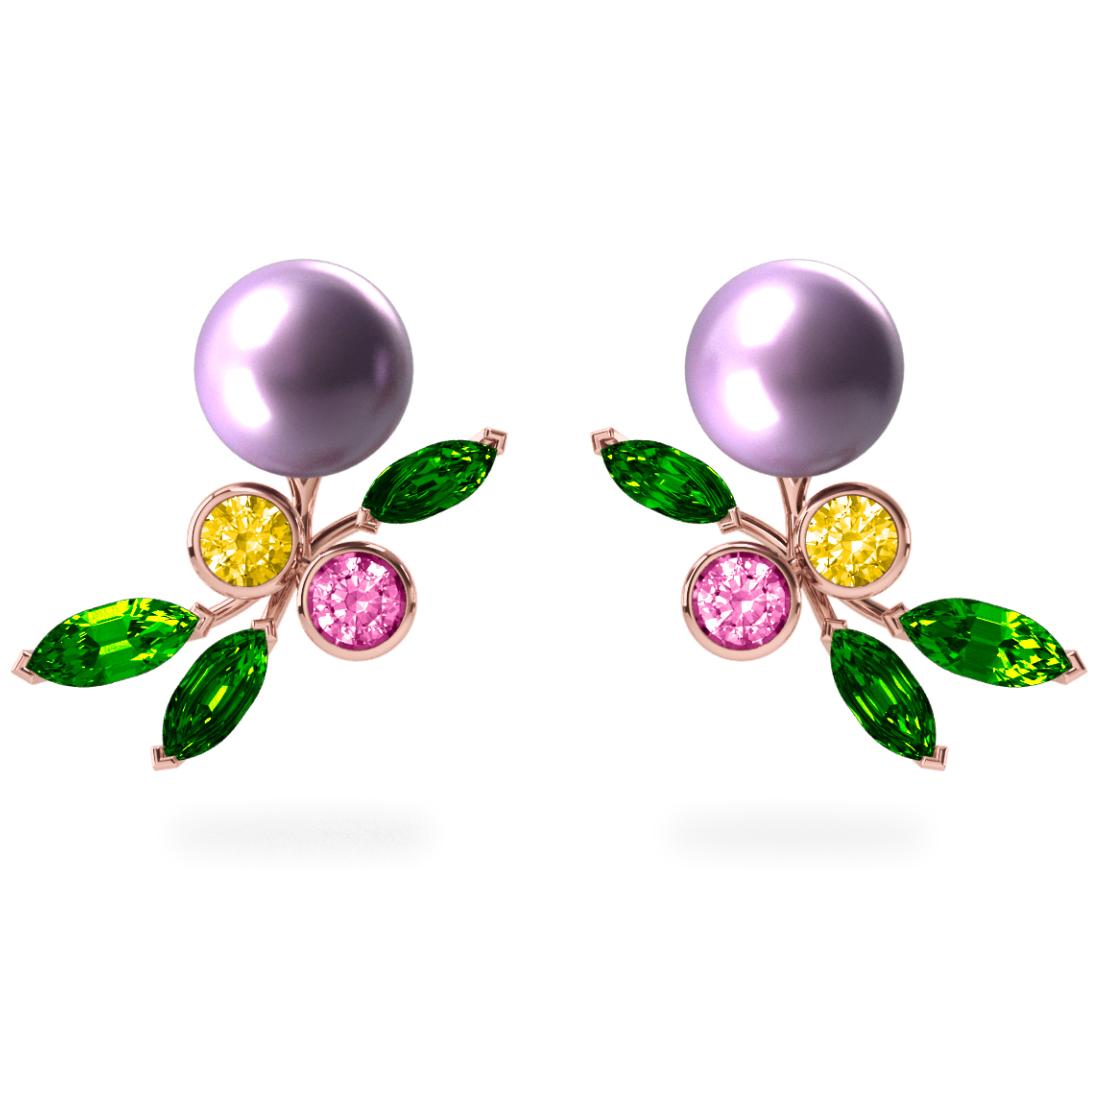 Boucles d'oreilles My Angel Lavande - Saphirs, diamants, tsavorites & perles d'eau douce <br /> Or rose 18 carats